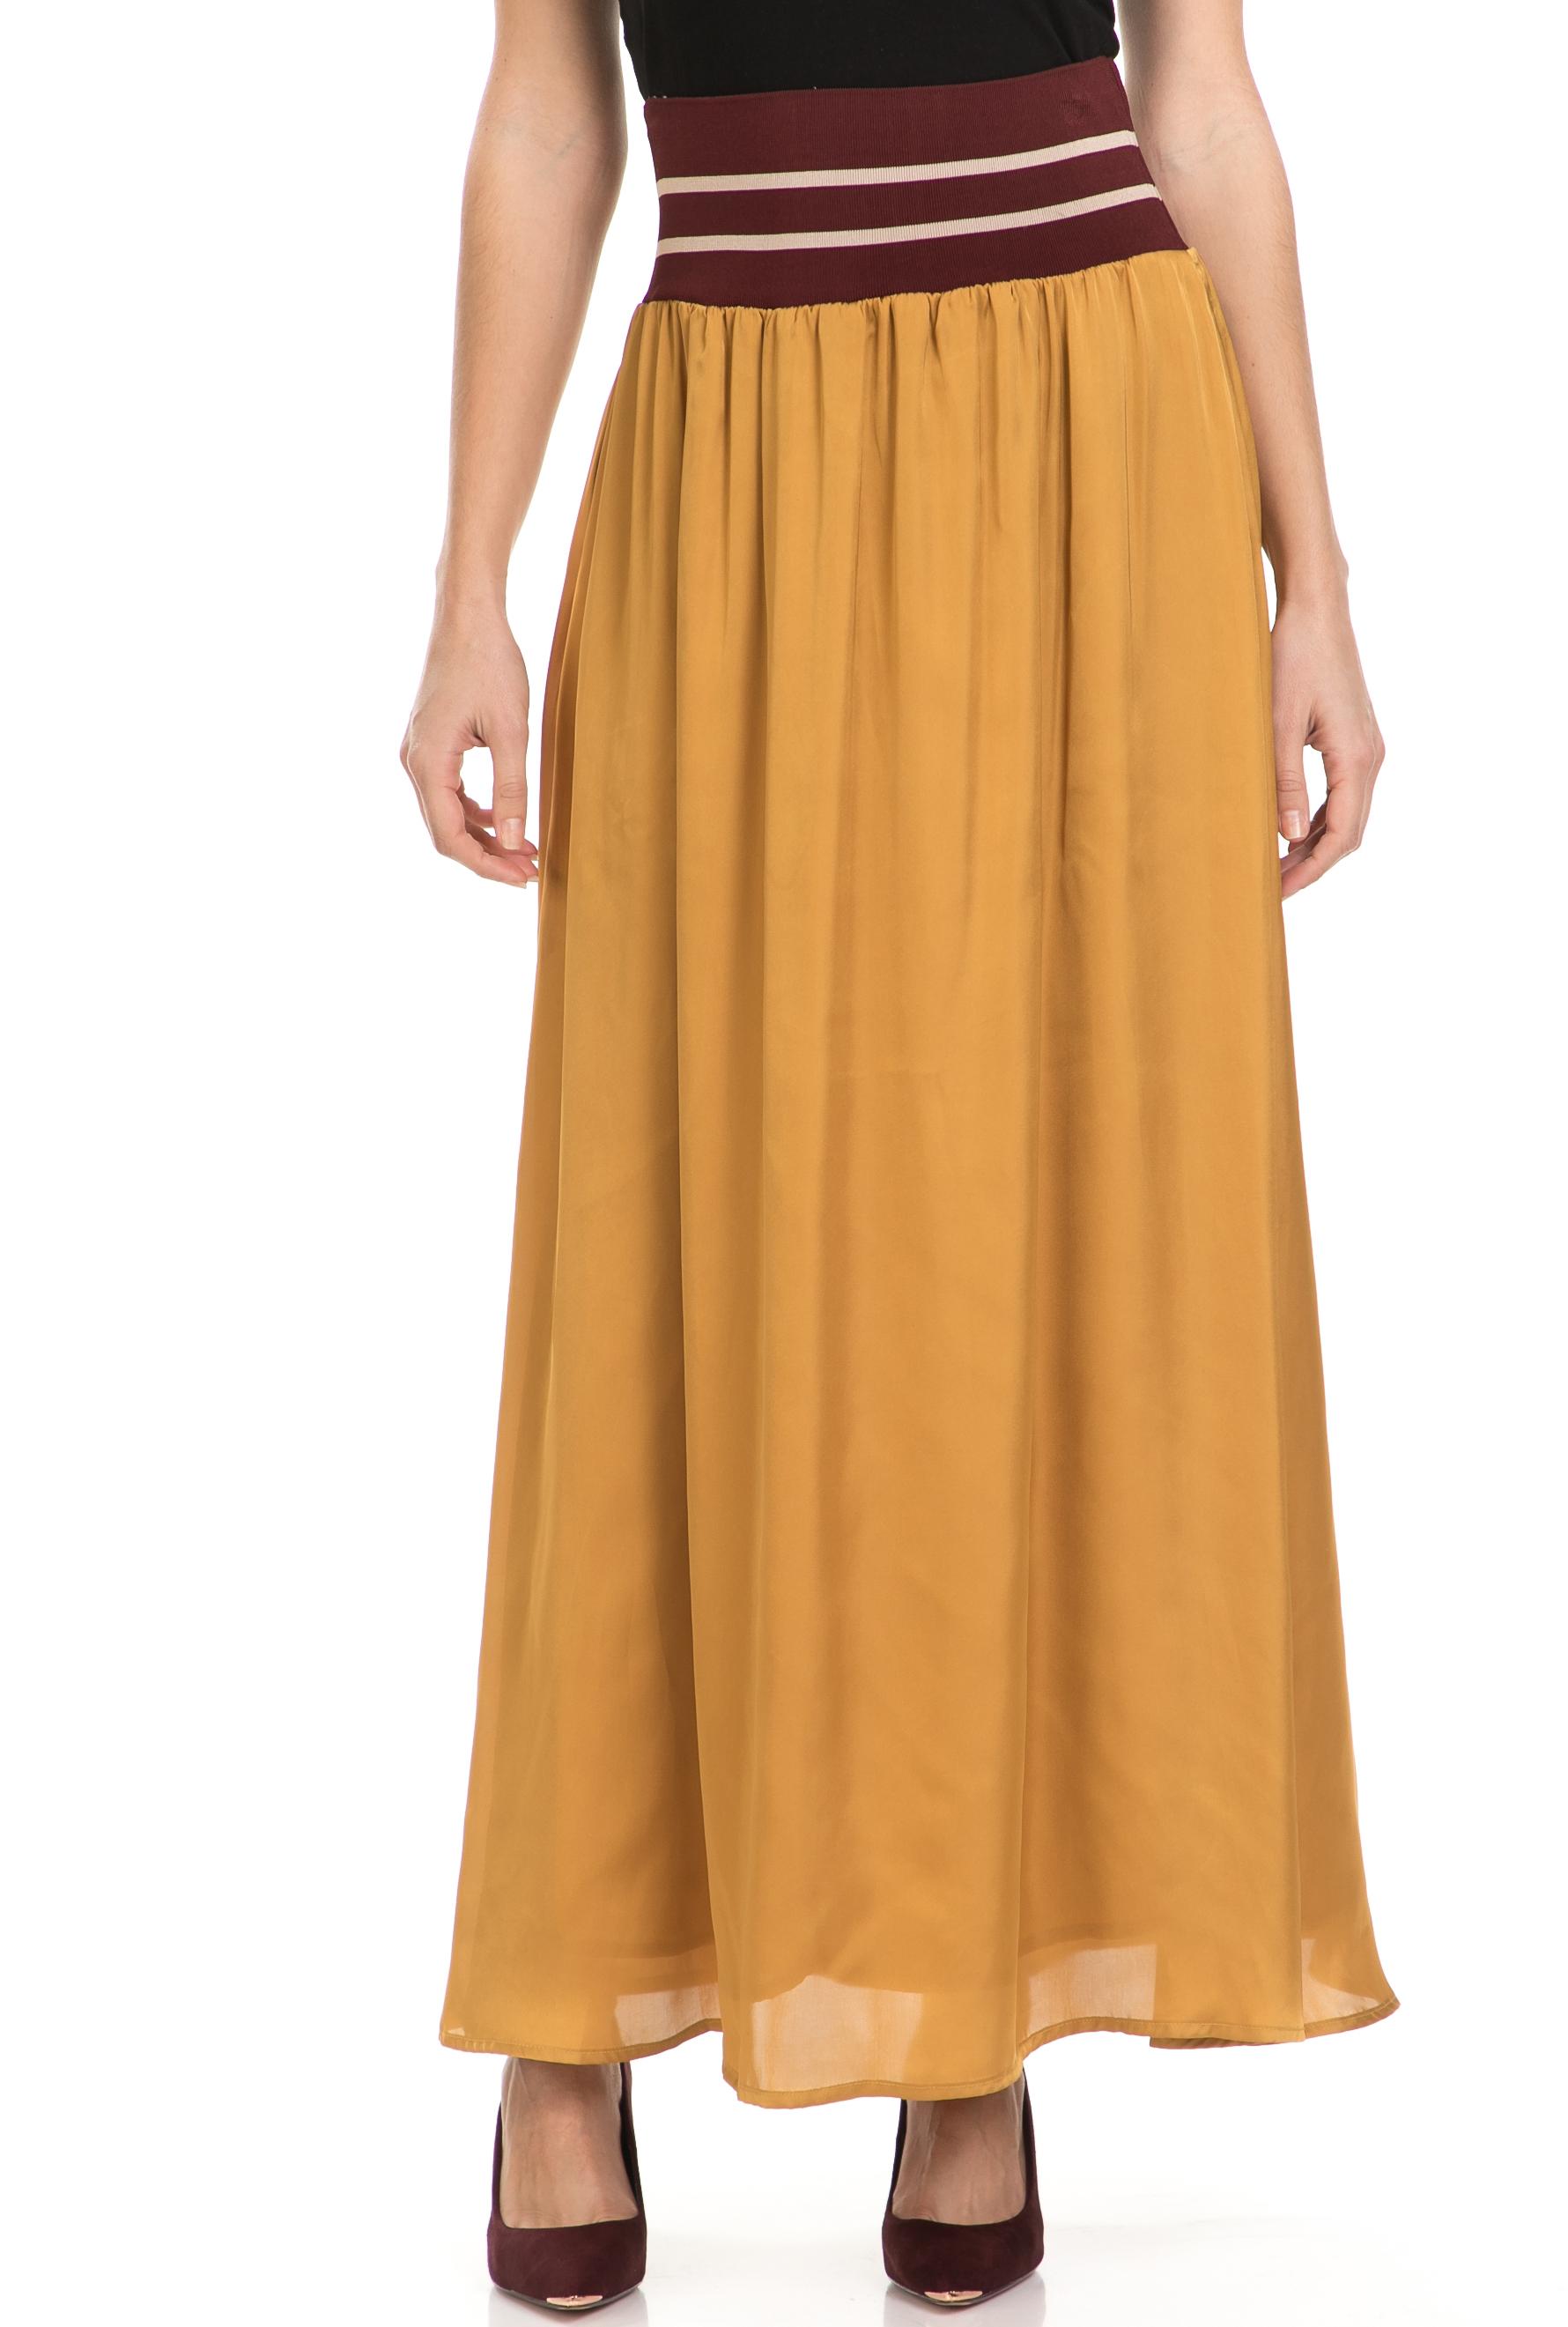 SCOTCH & SODA - Γυναικεία φούστα SCOTCH & SODA κίτρινη